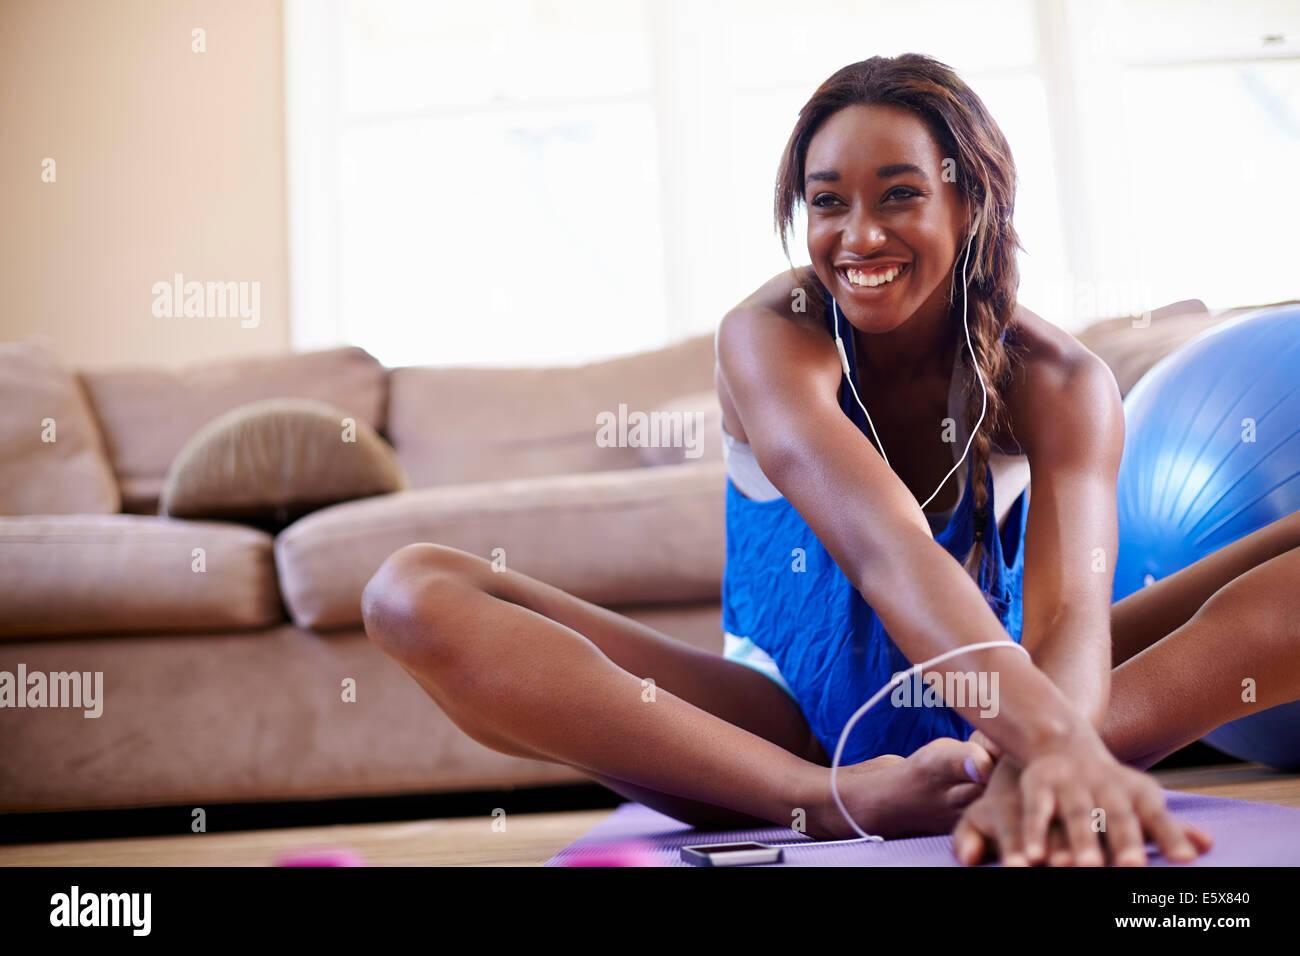 Mujer joven ejercicio y estiramiento en el suelo de la sala de estar Imagen De Stock